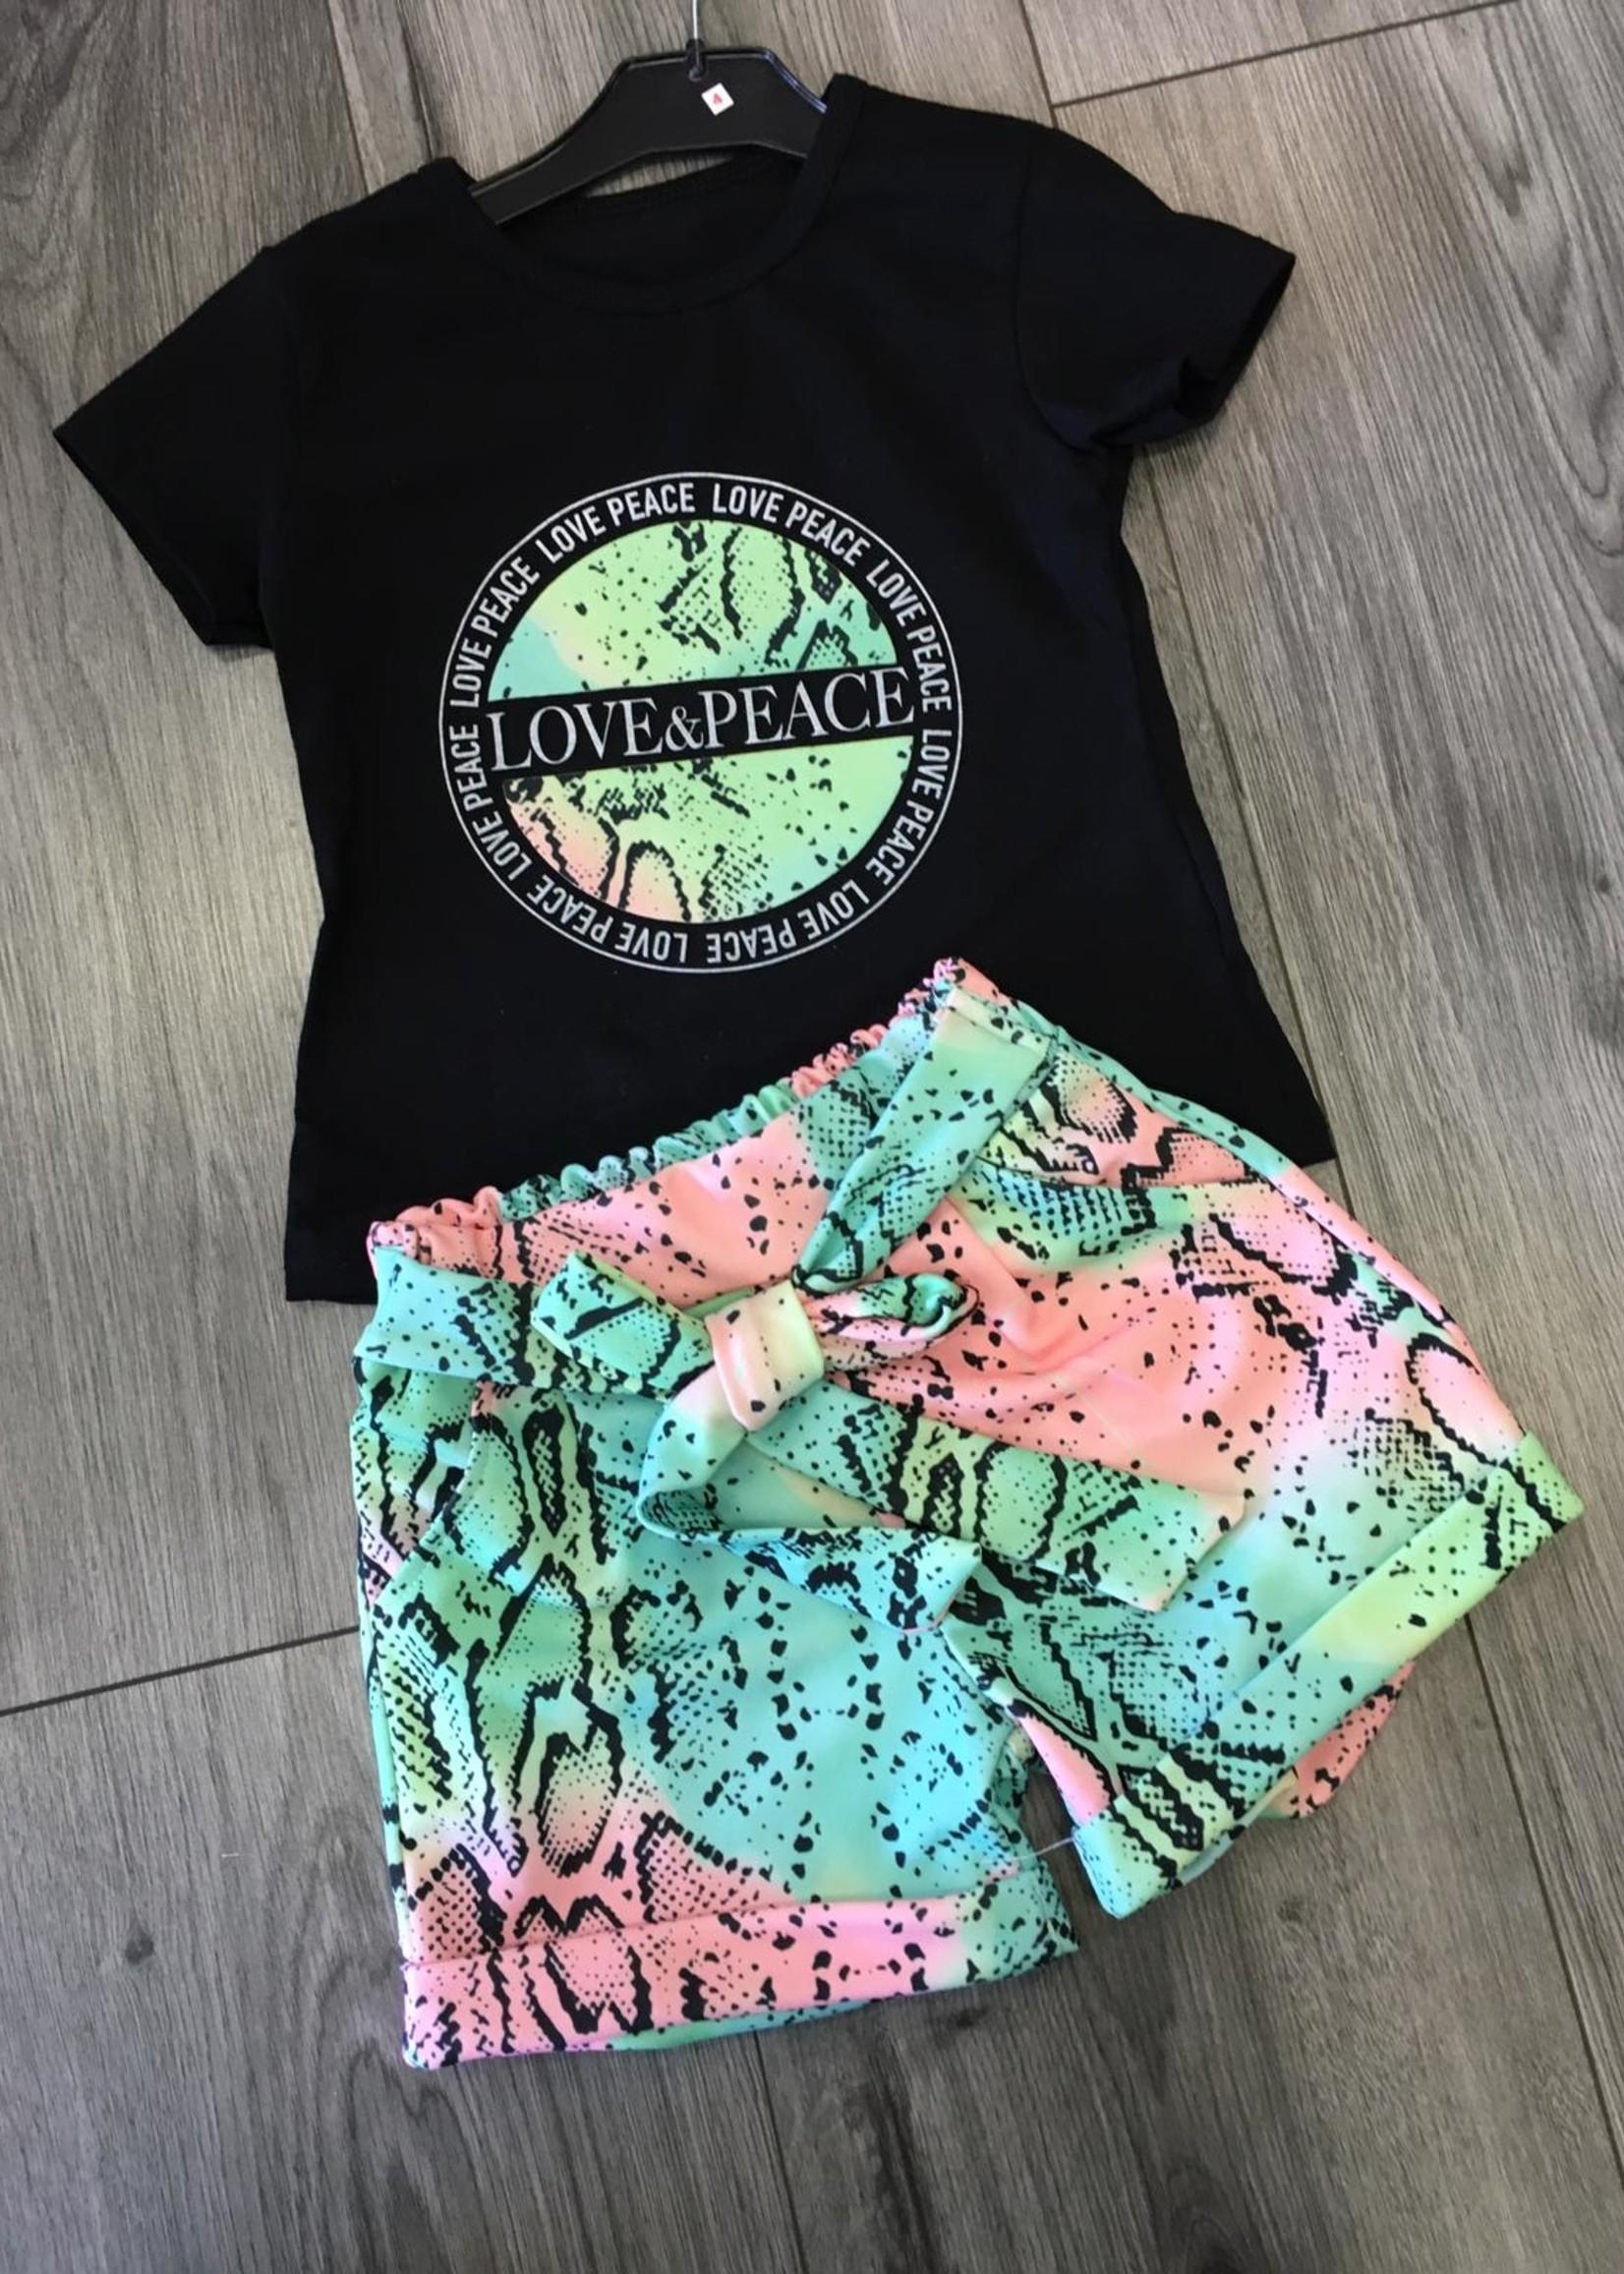 Divanis Divanis love & peace set groen roze zwart shirt